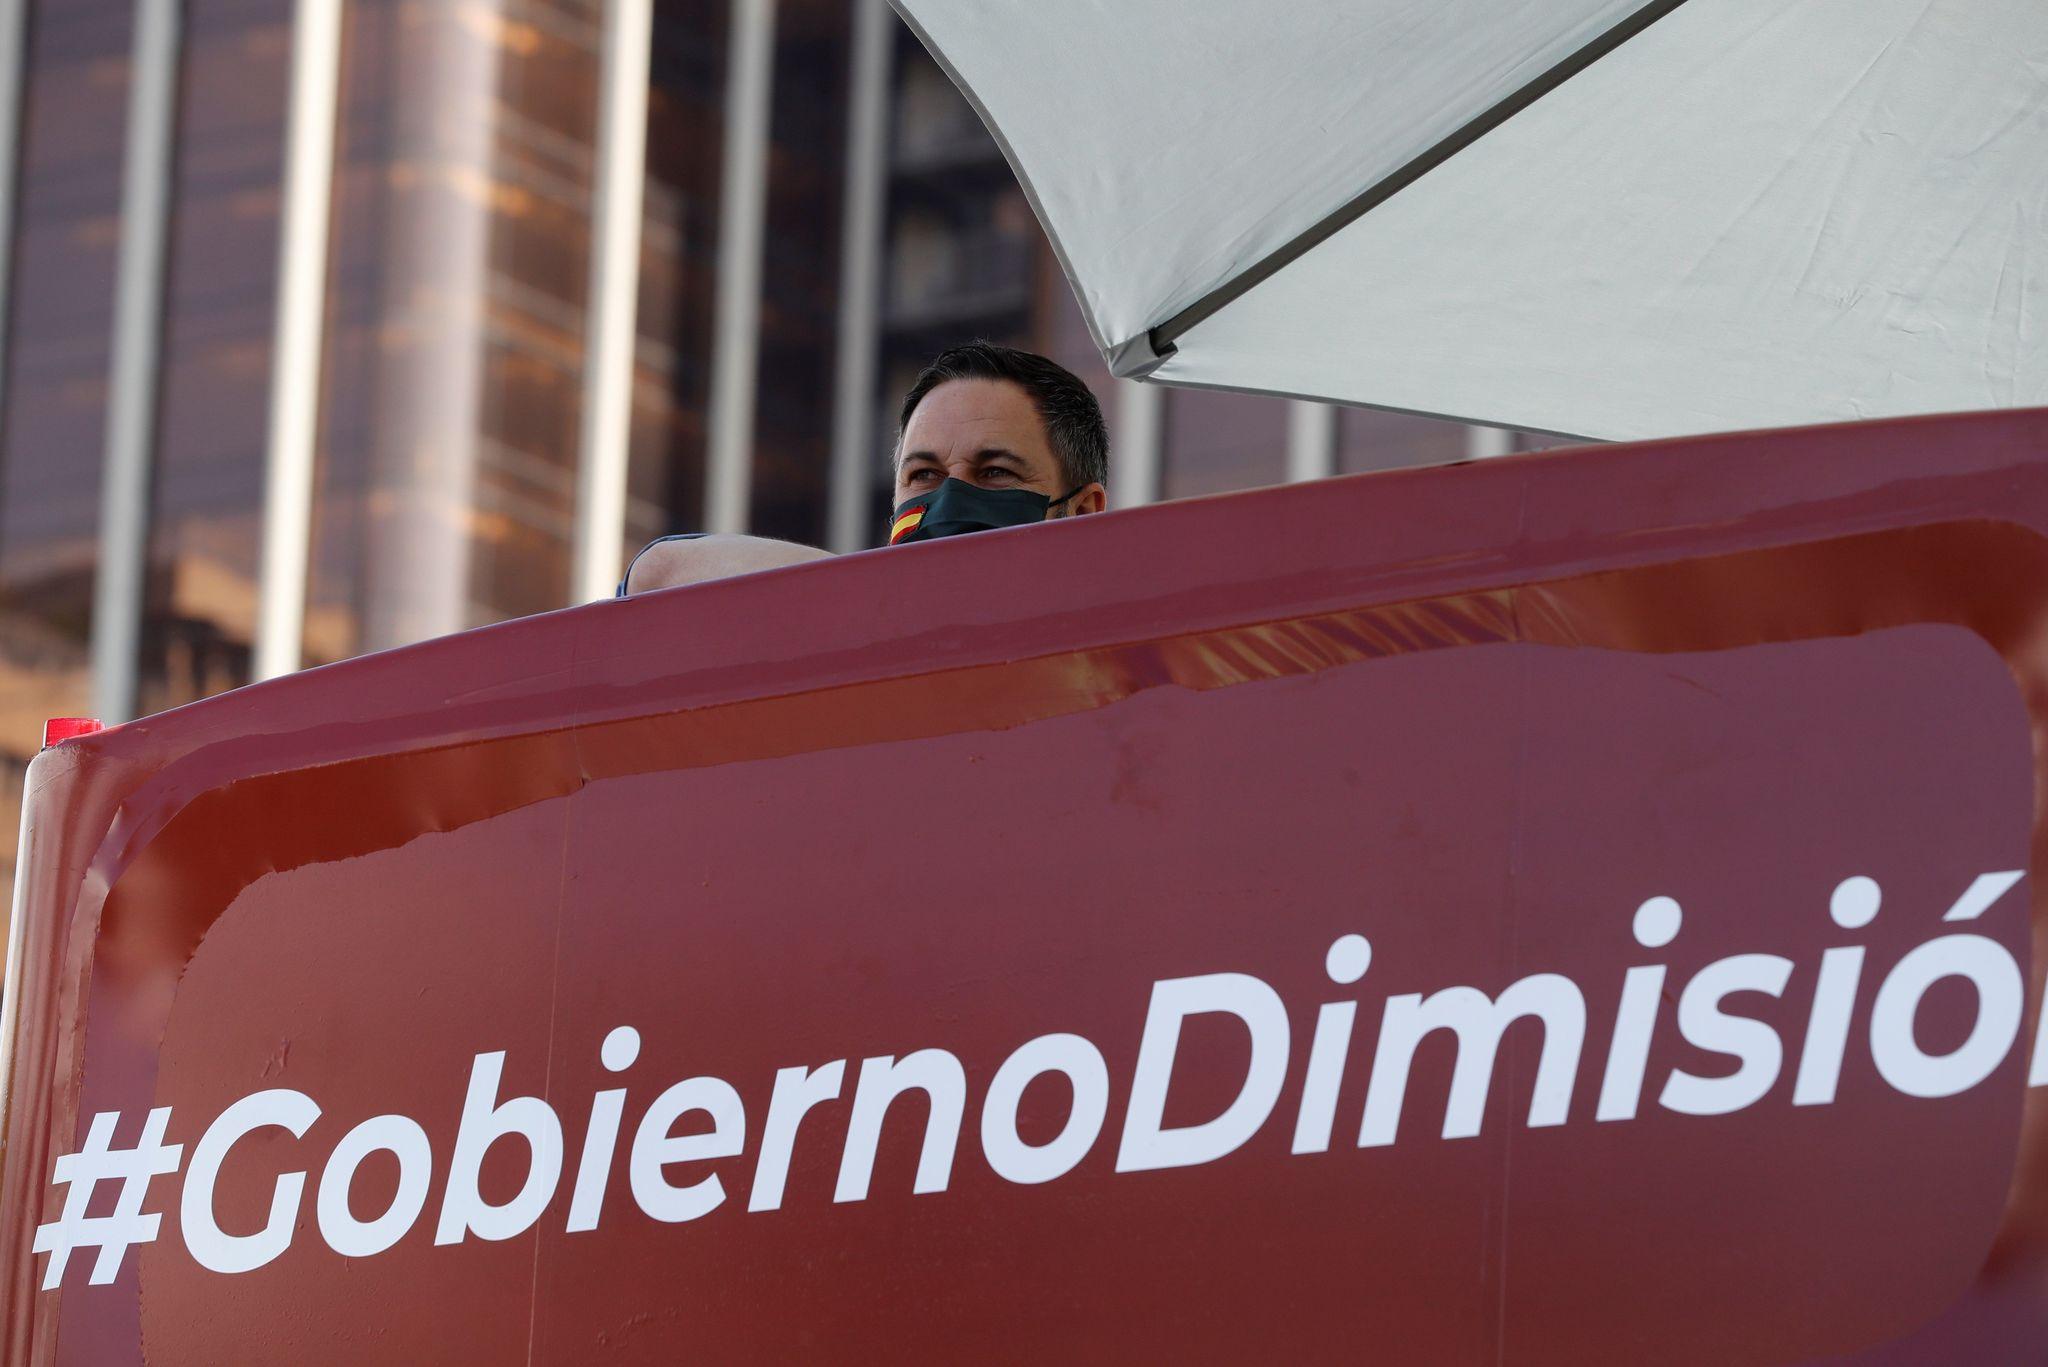 El líder de Vox, <strong>Santiago Abascal</strong>, en la plaza de Colón en Madrid, momentos antes del incio de la manifestación en coche que Vox ha promovido contra la gestión del Gobierno en la pandemia de coronavirus, tras obtener permiso de la Justicia o las delegaciones del Gobierno, en la primera convocatoria de protestas políticas autorizada durante la vigencia del estado de alarma.